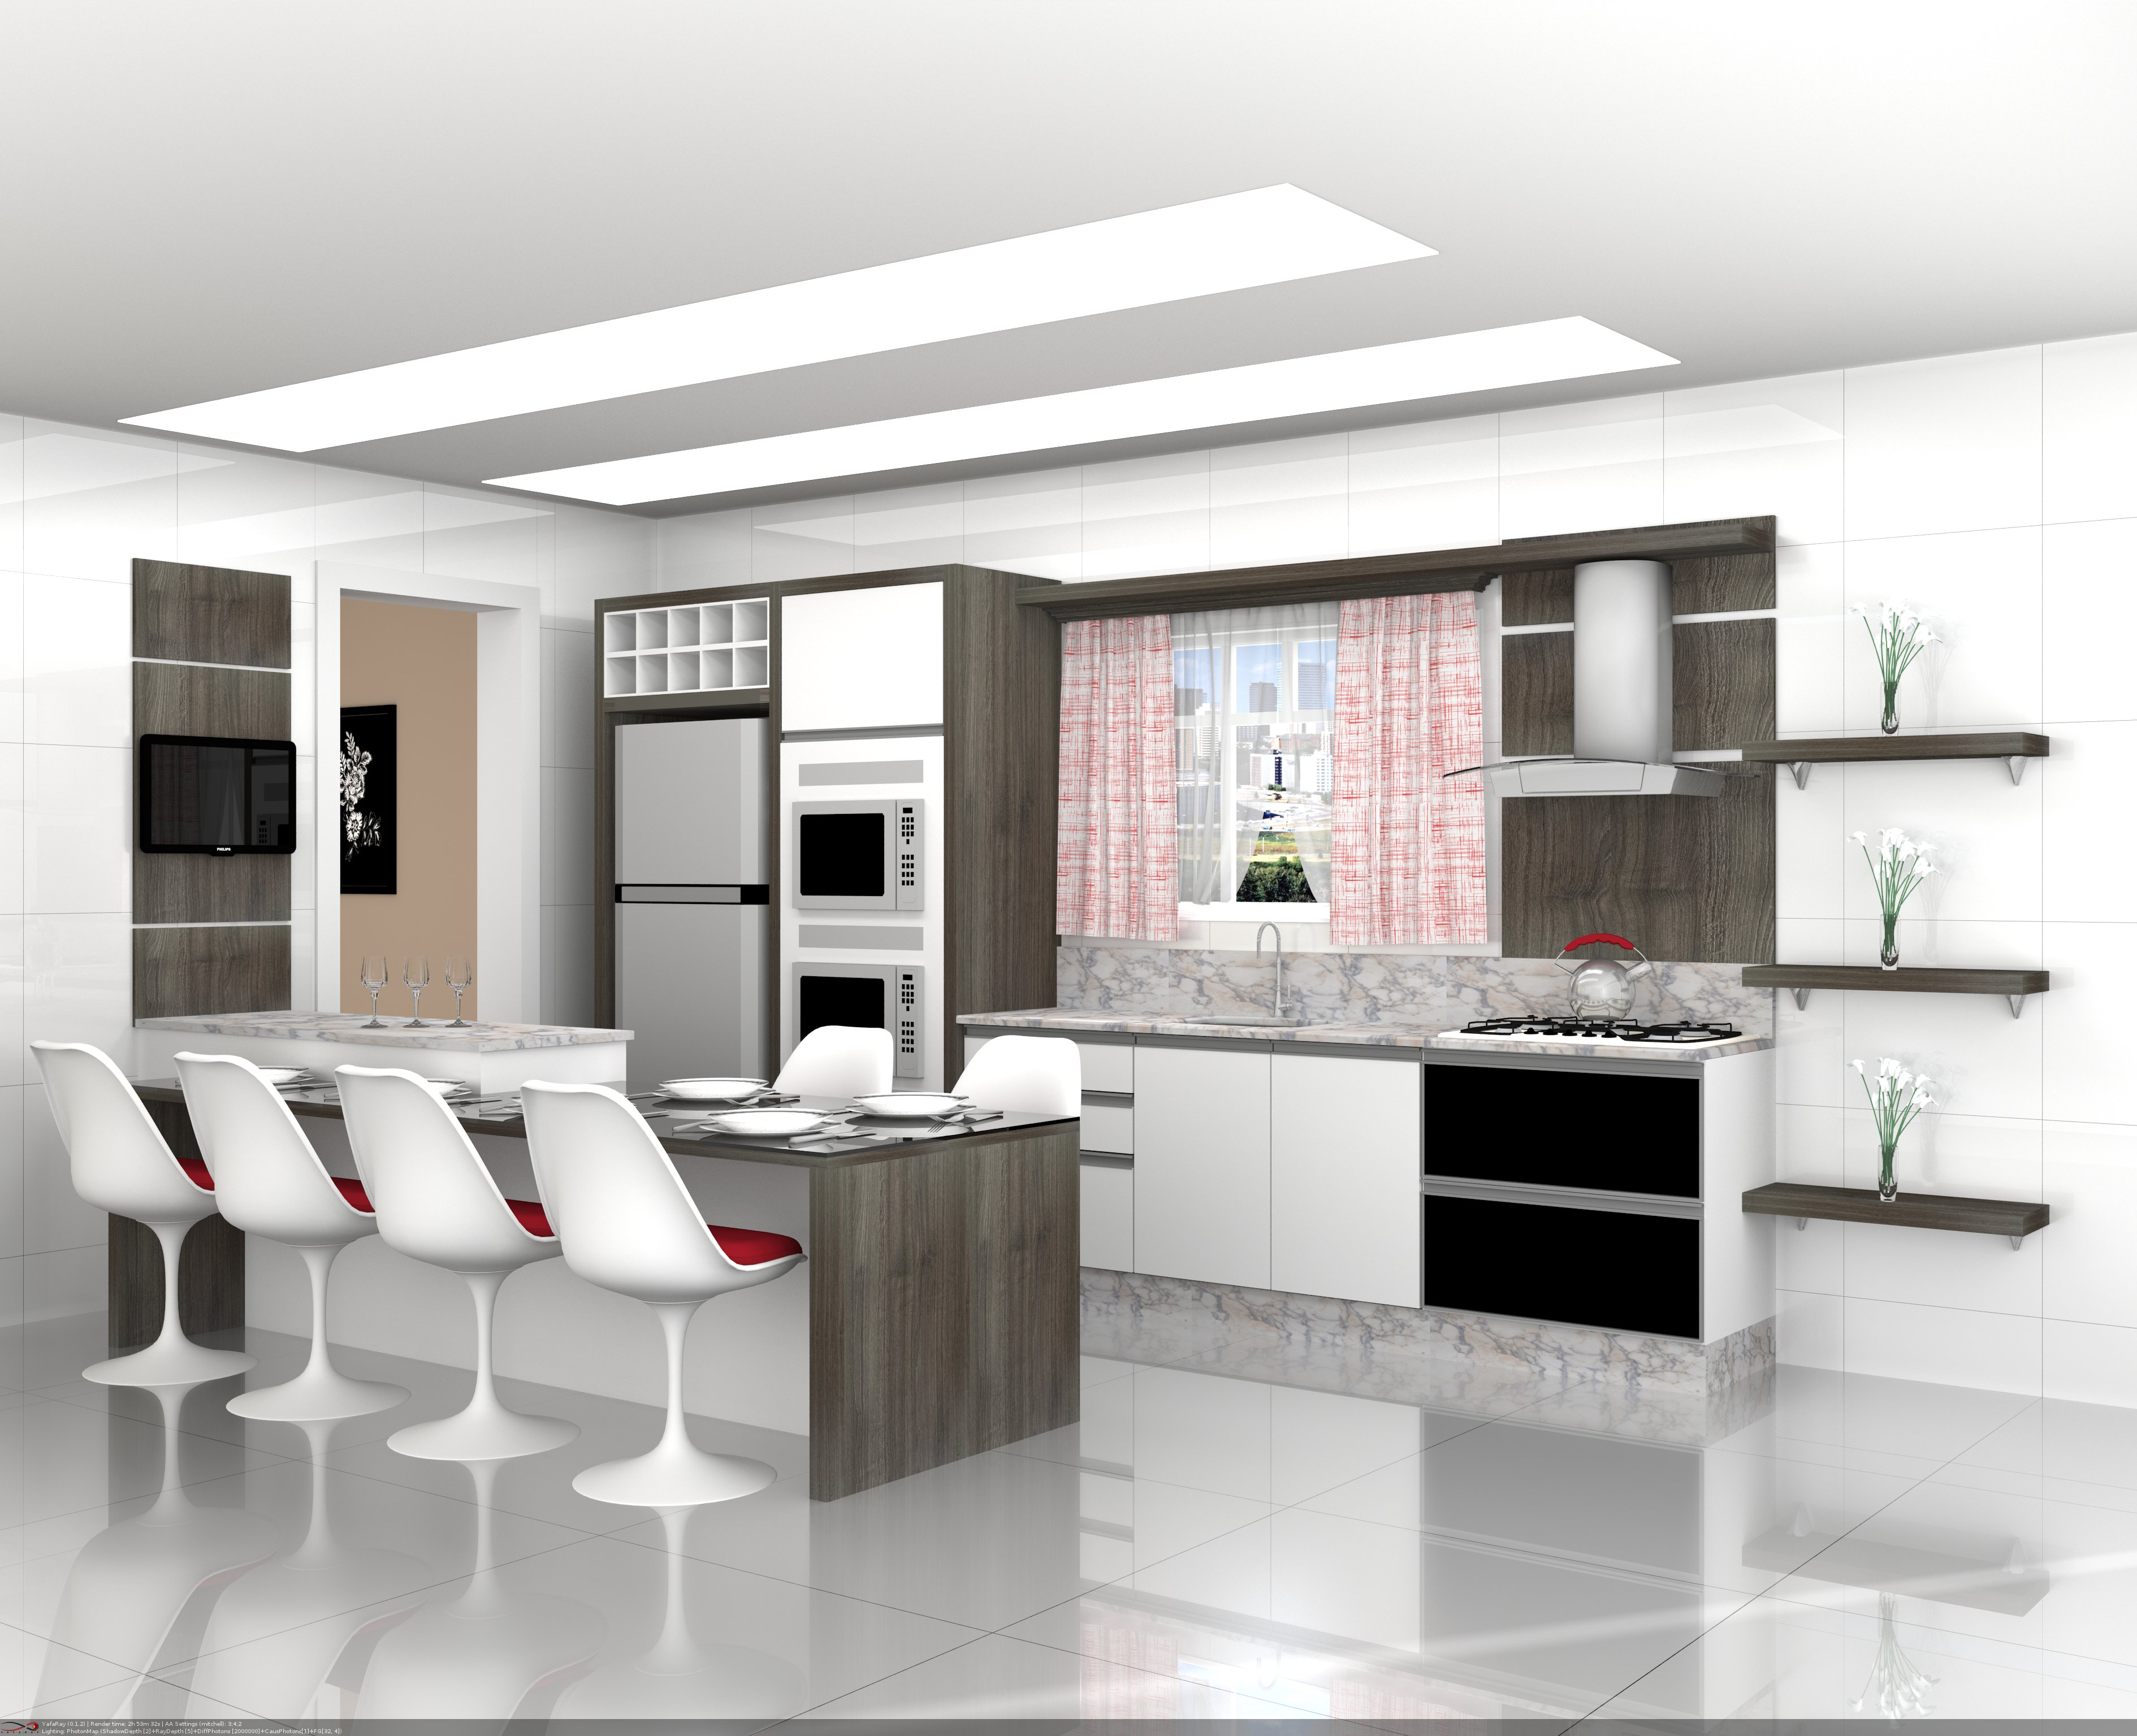 Interno – Cozinha Modulada. Indústria de Móveis Celmóbile #746157 3780 3071